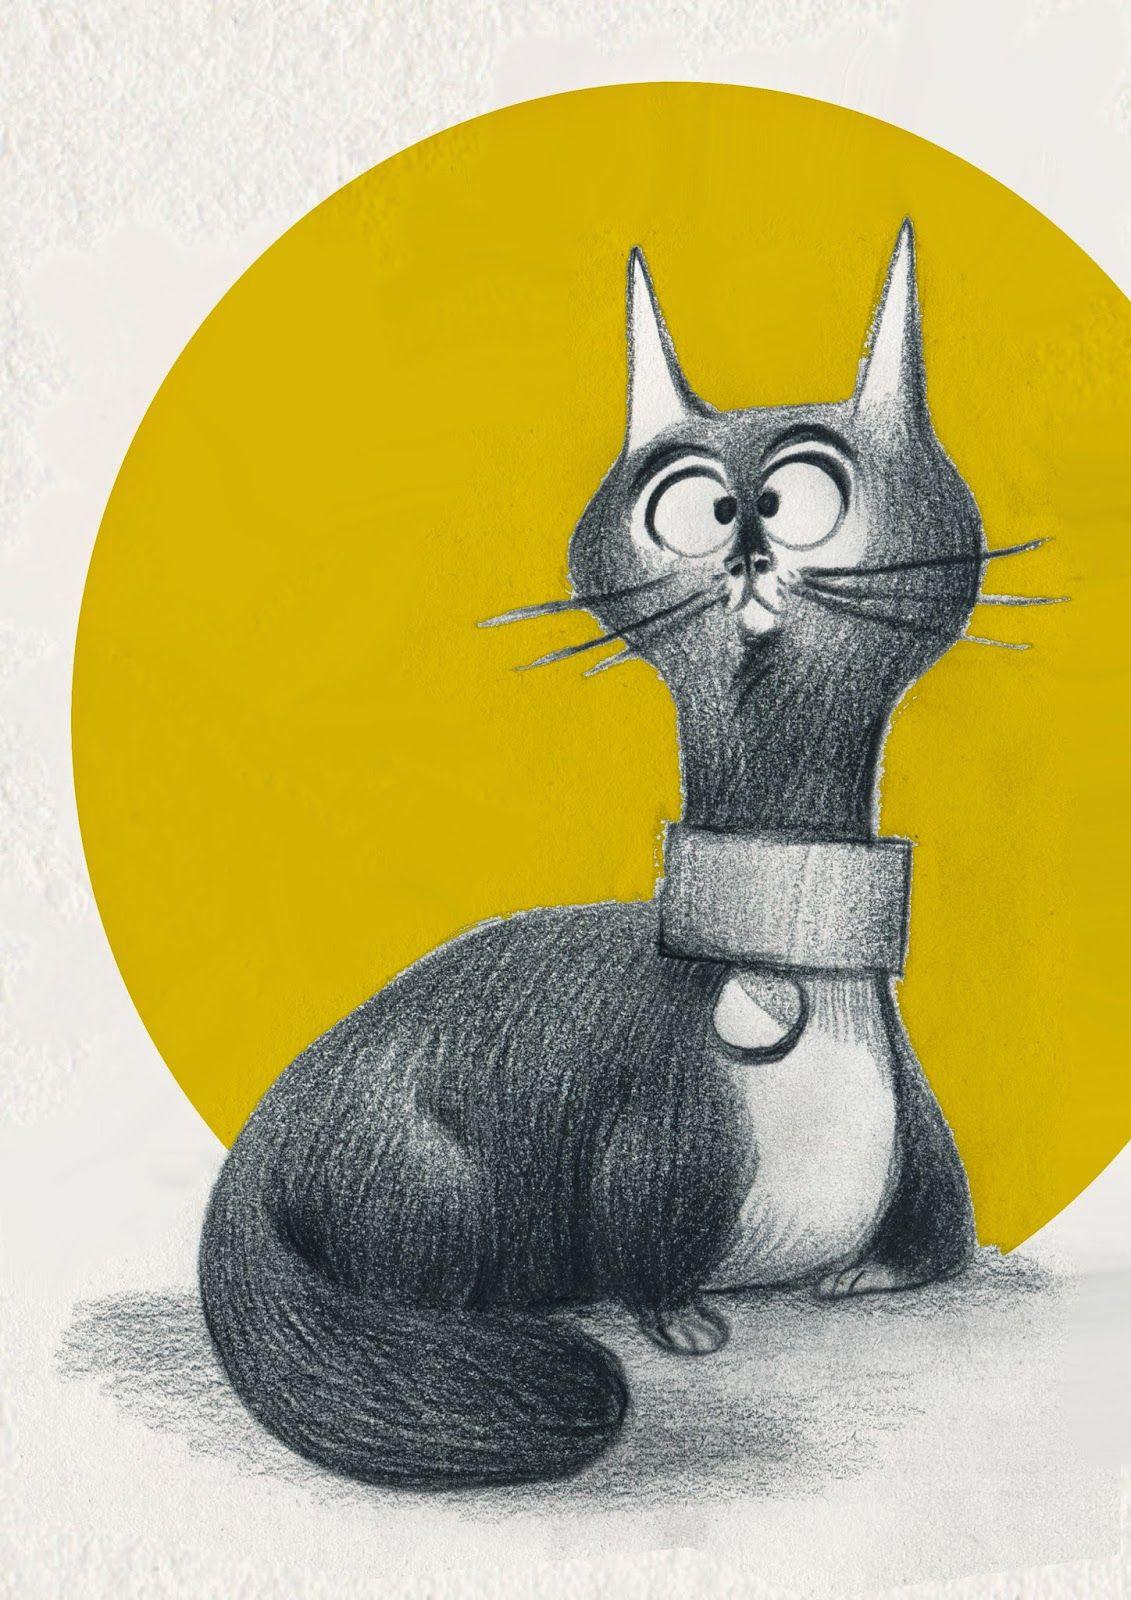 Toru Sanogawa Google Search Malen Und Zeichnen Tiere Zeichnen Niedliche Zeichnungen